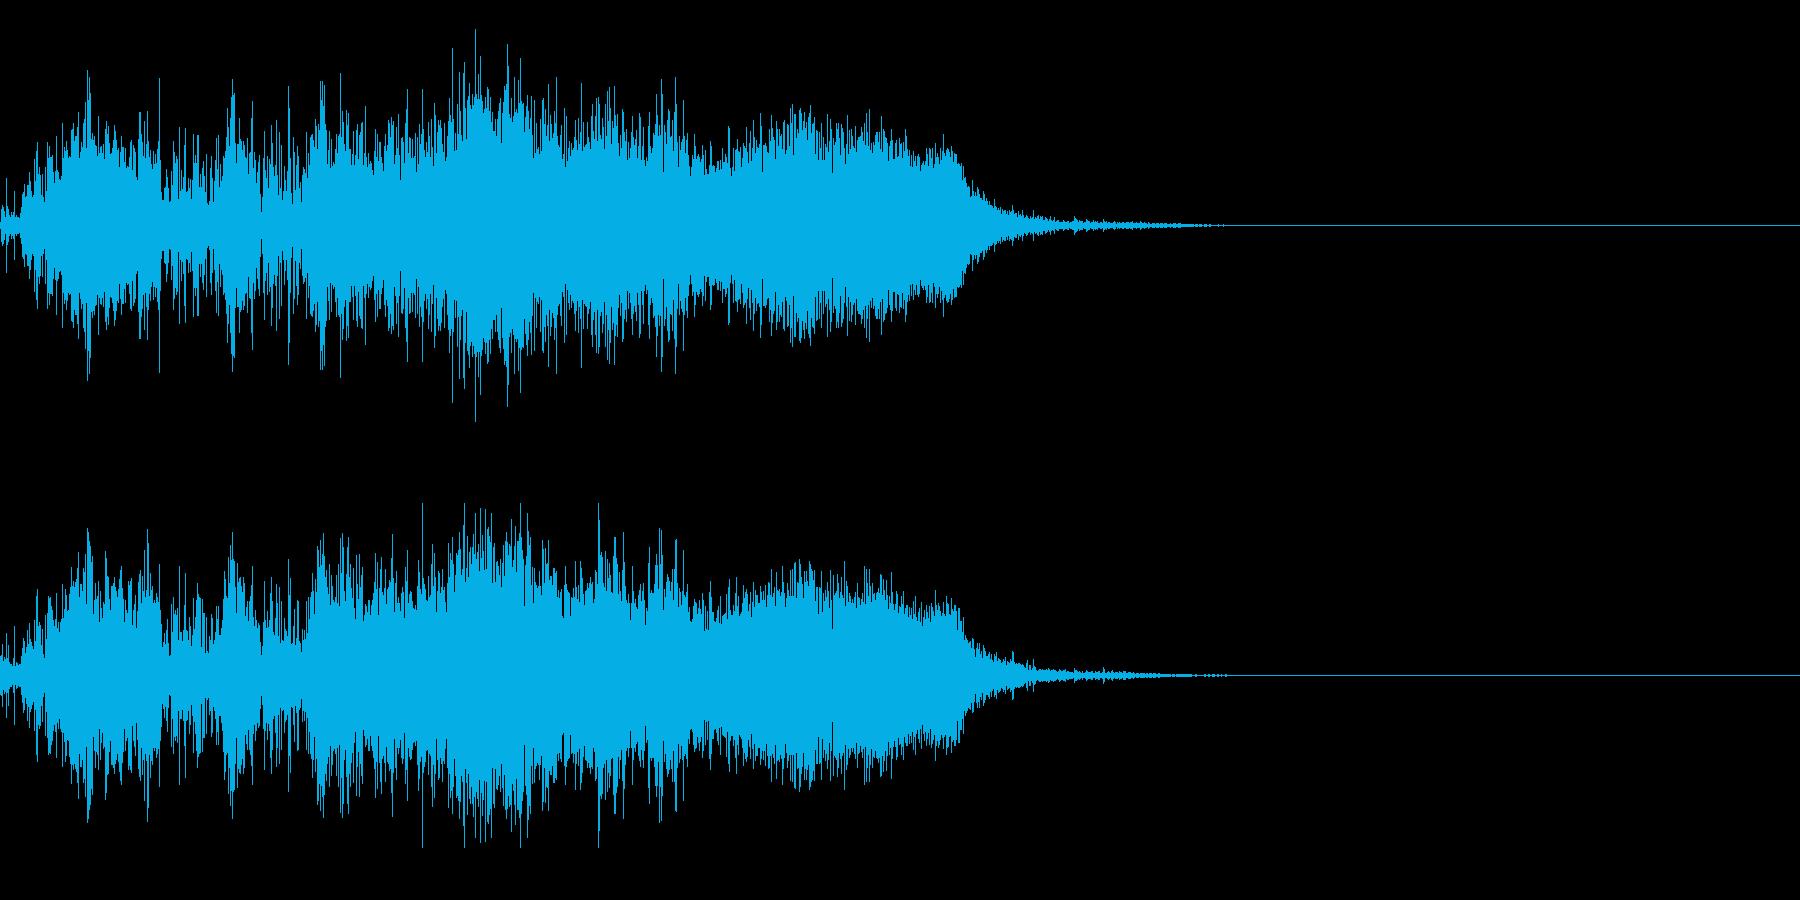 スパーク音-28の再生済みの波形